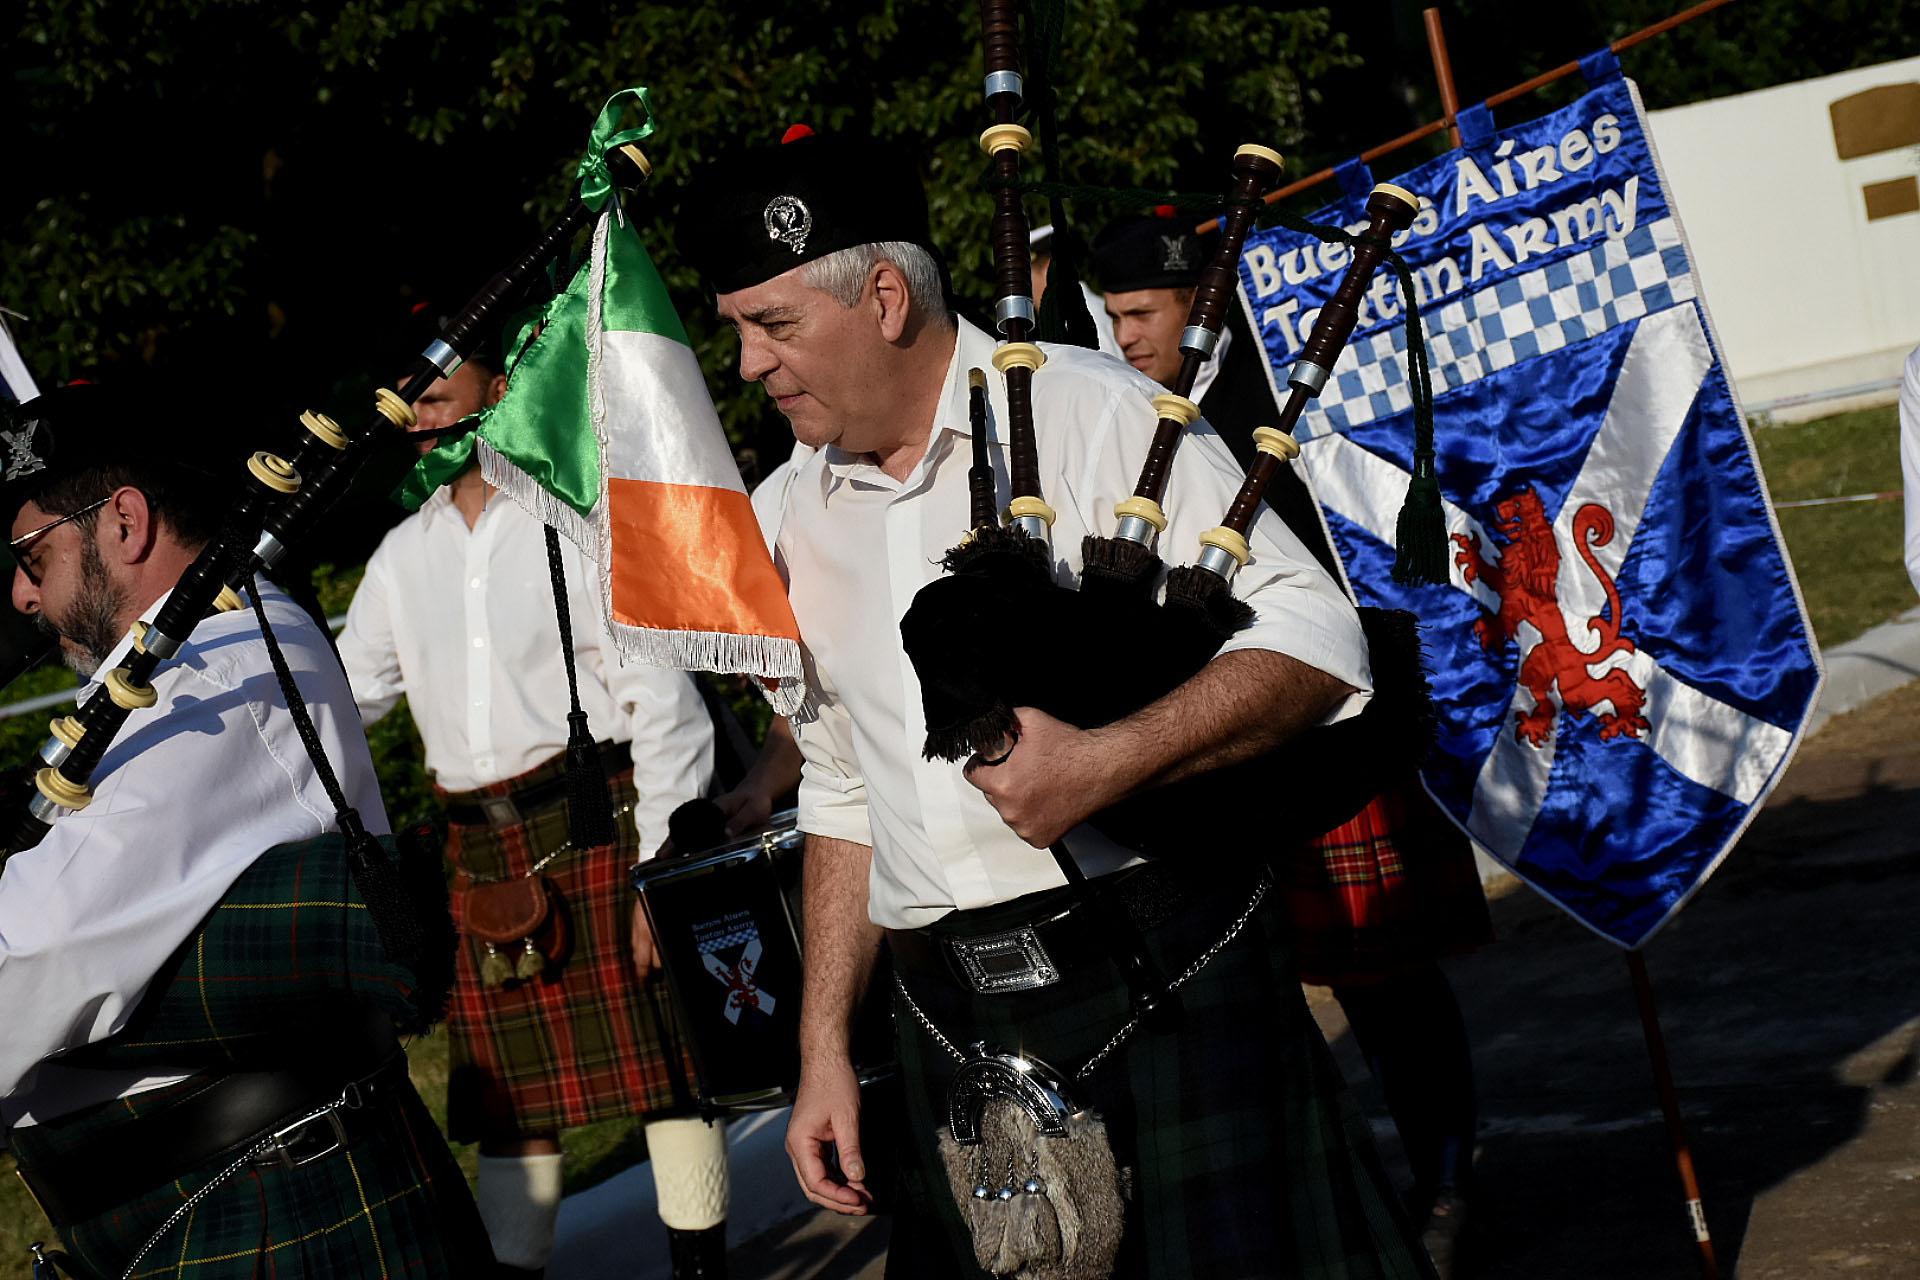 También expuso sus destrezas la Asociación Argentina Irlandesa Almirante Brown, que sorprendió al público interpretando la marcha de San Lorenzo